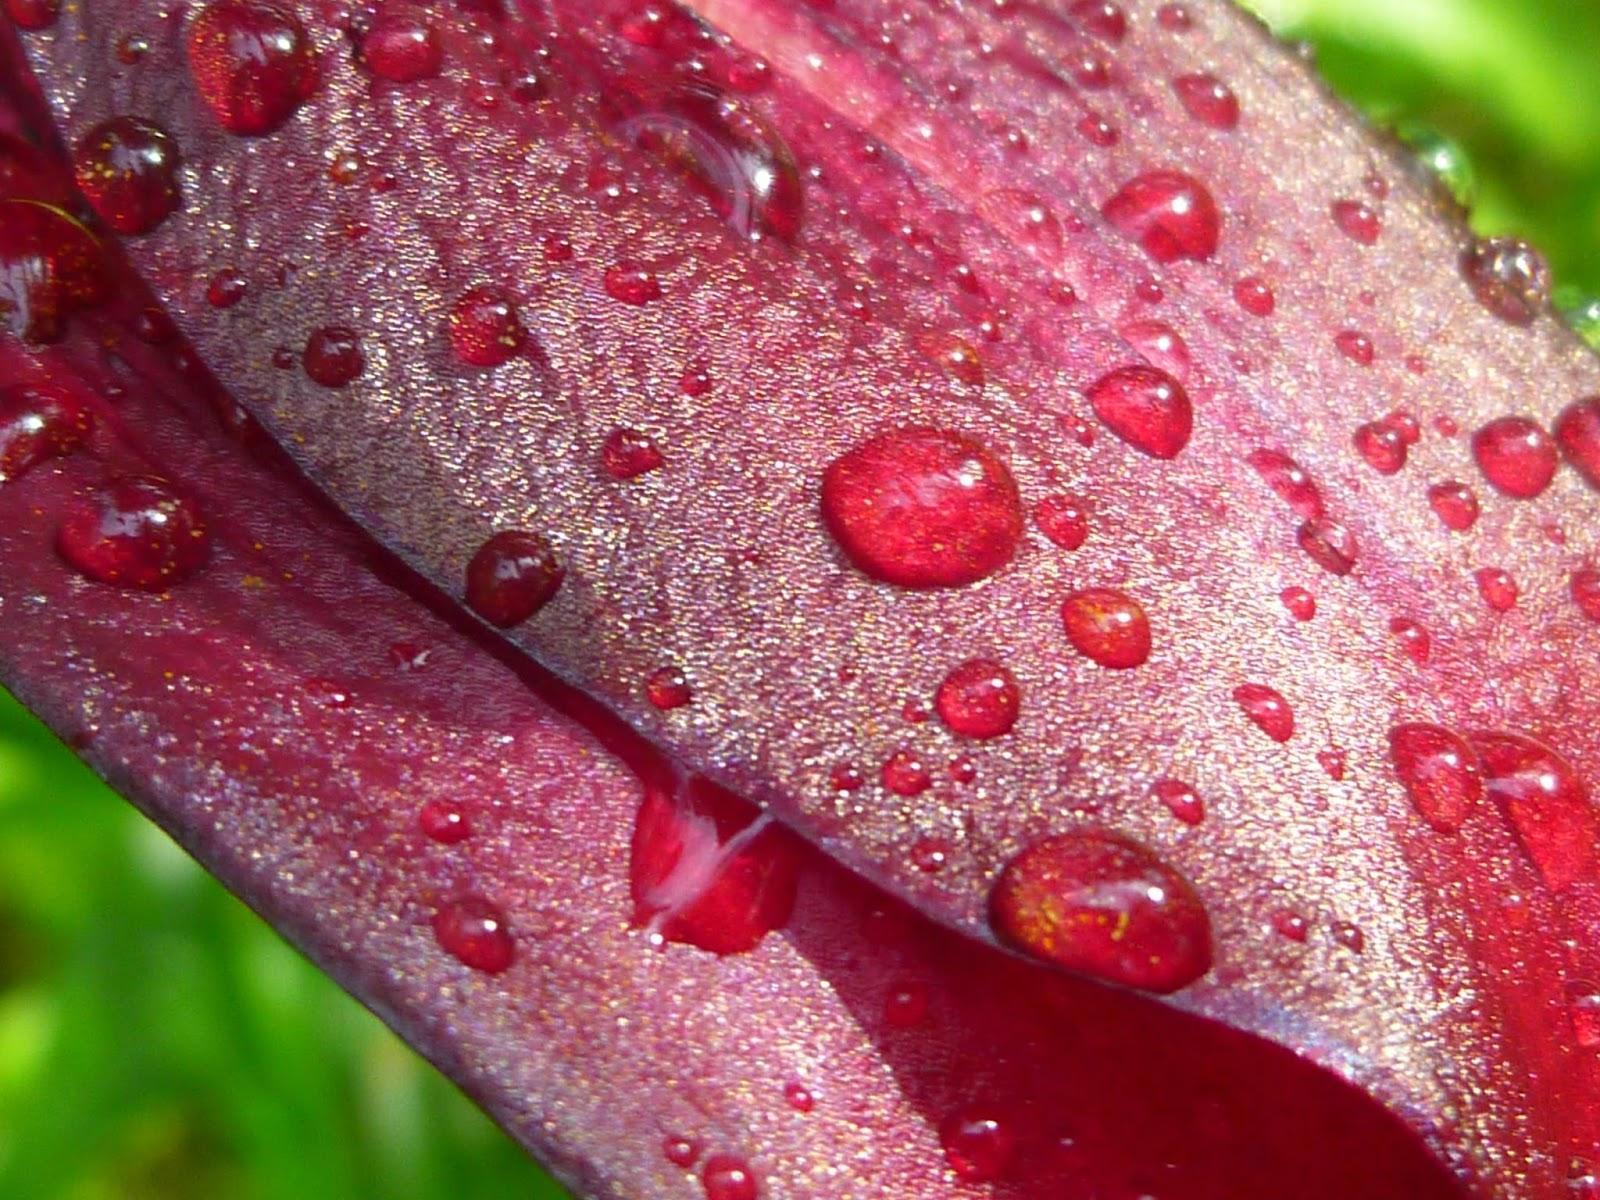 Svanå trädgård: Liljan 'Ove'